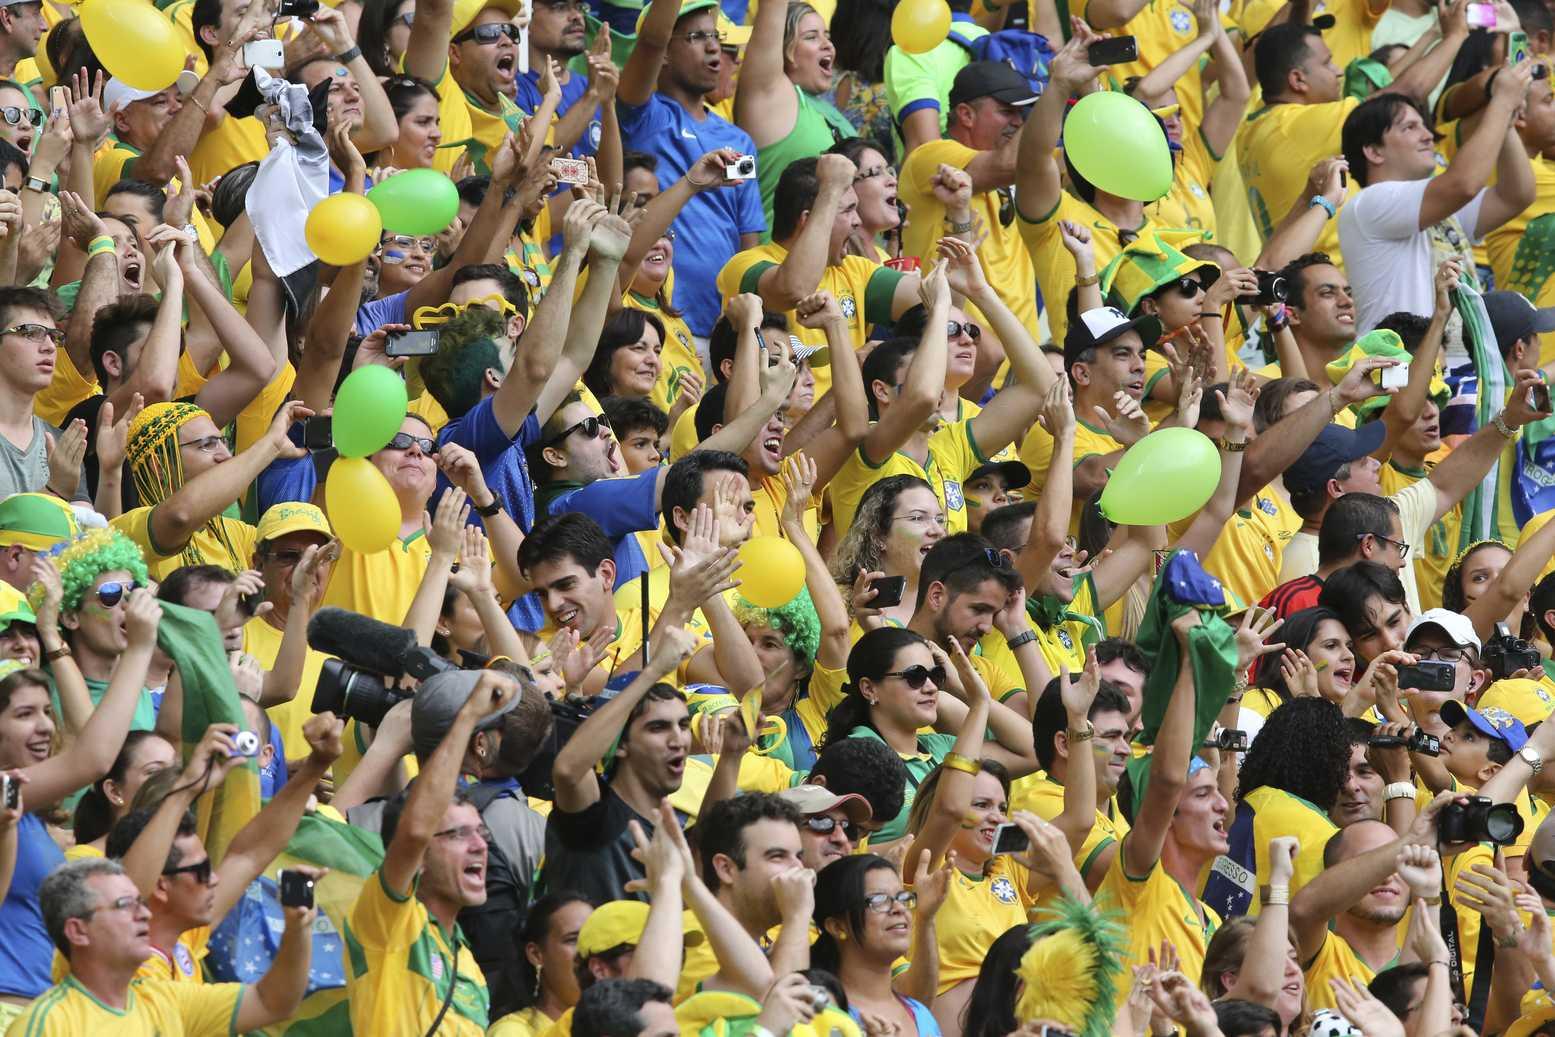 Governo do Amazonas define pontos facultativos nos dias de jogos do Brasil na Copa 2018 - Imagem: Divulgação